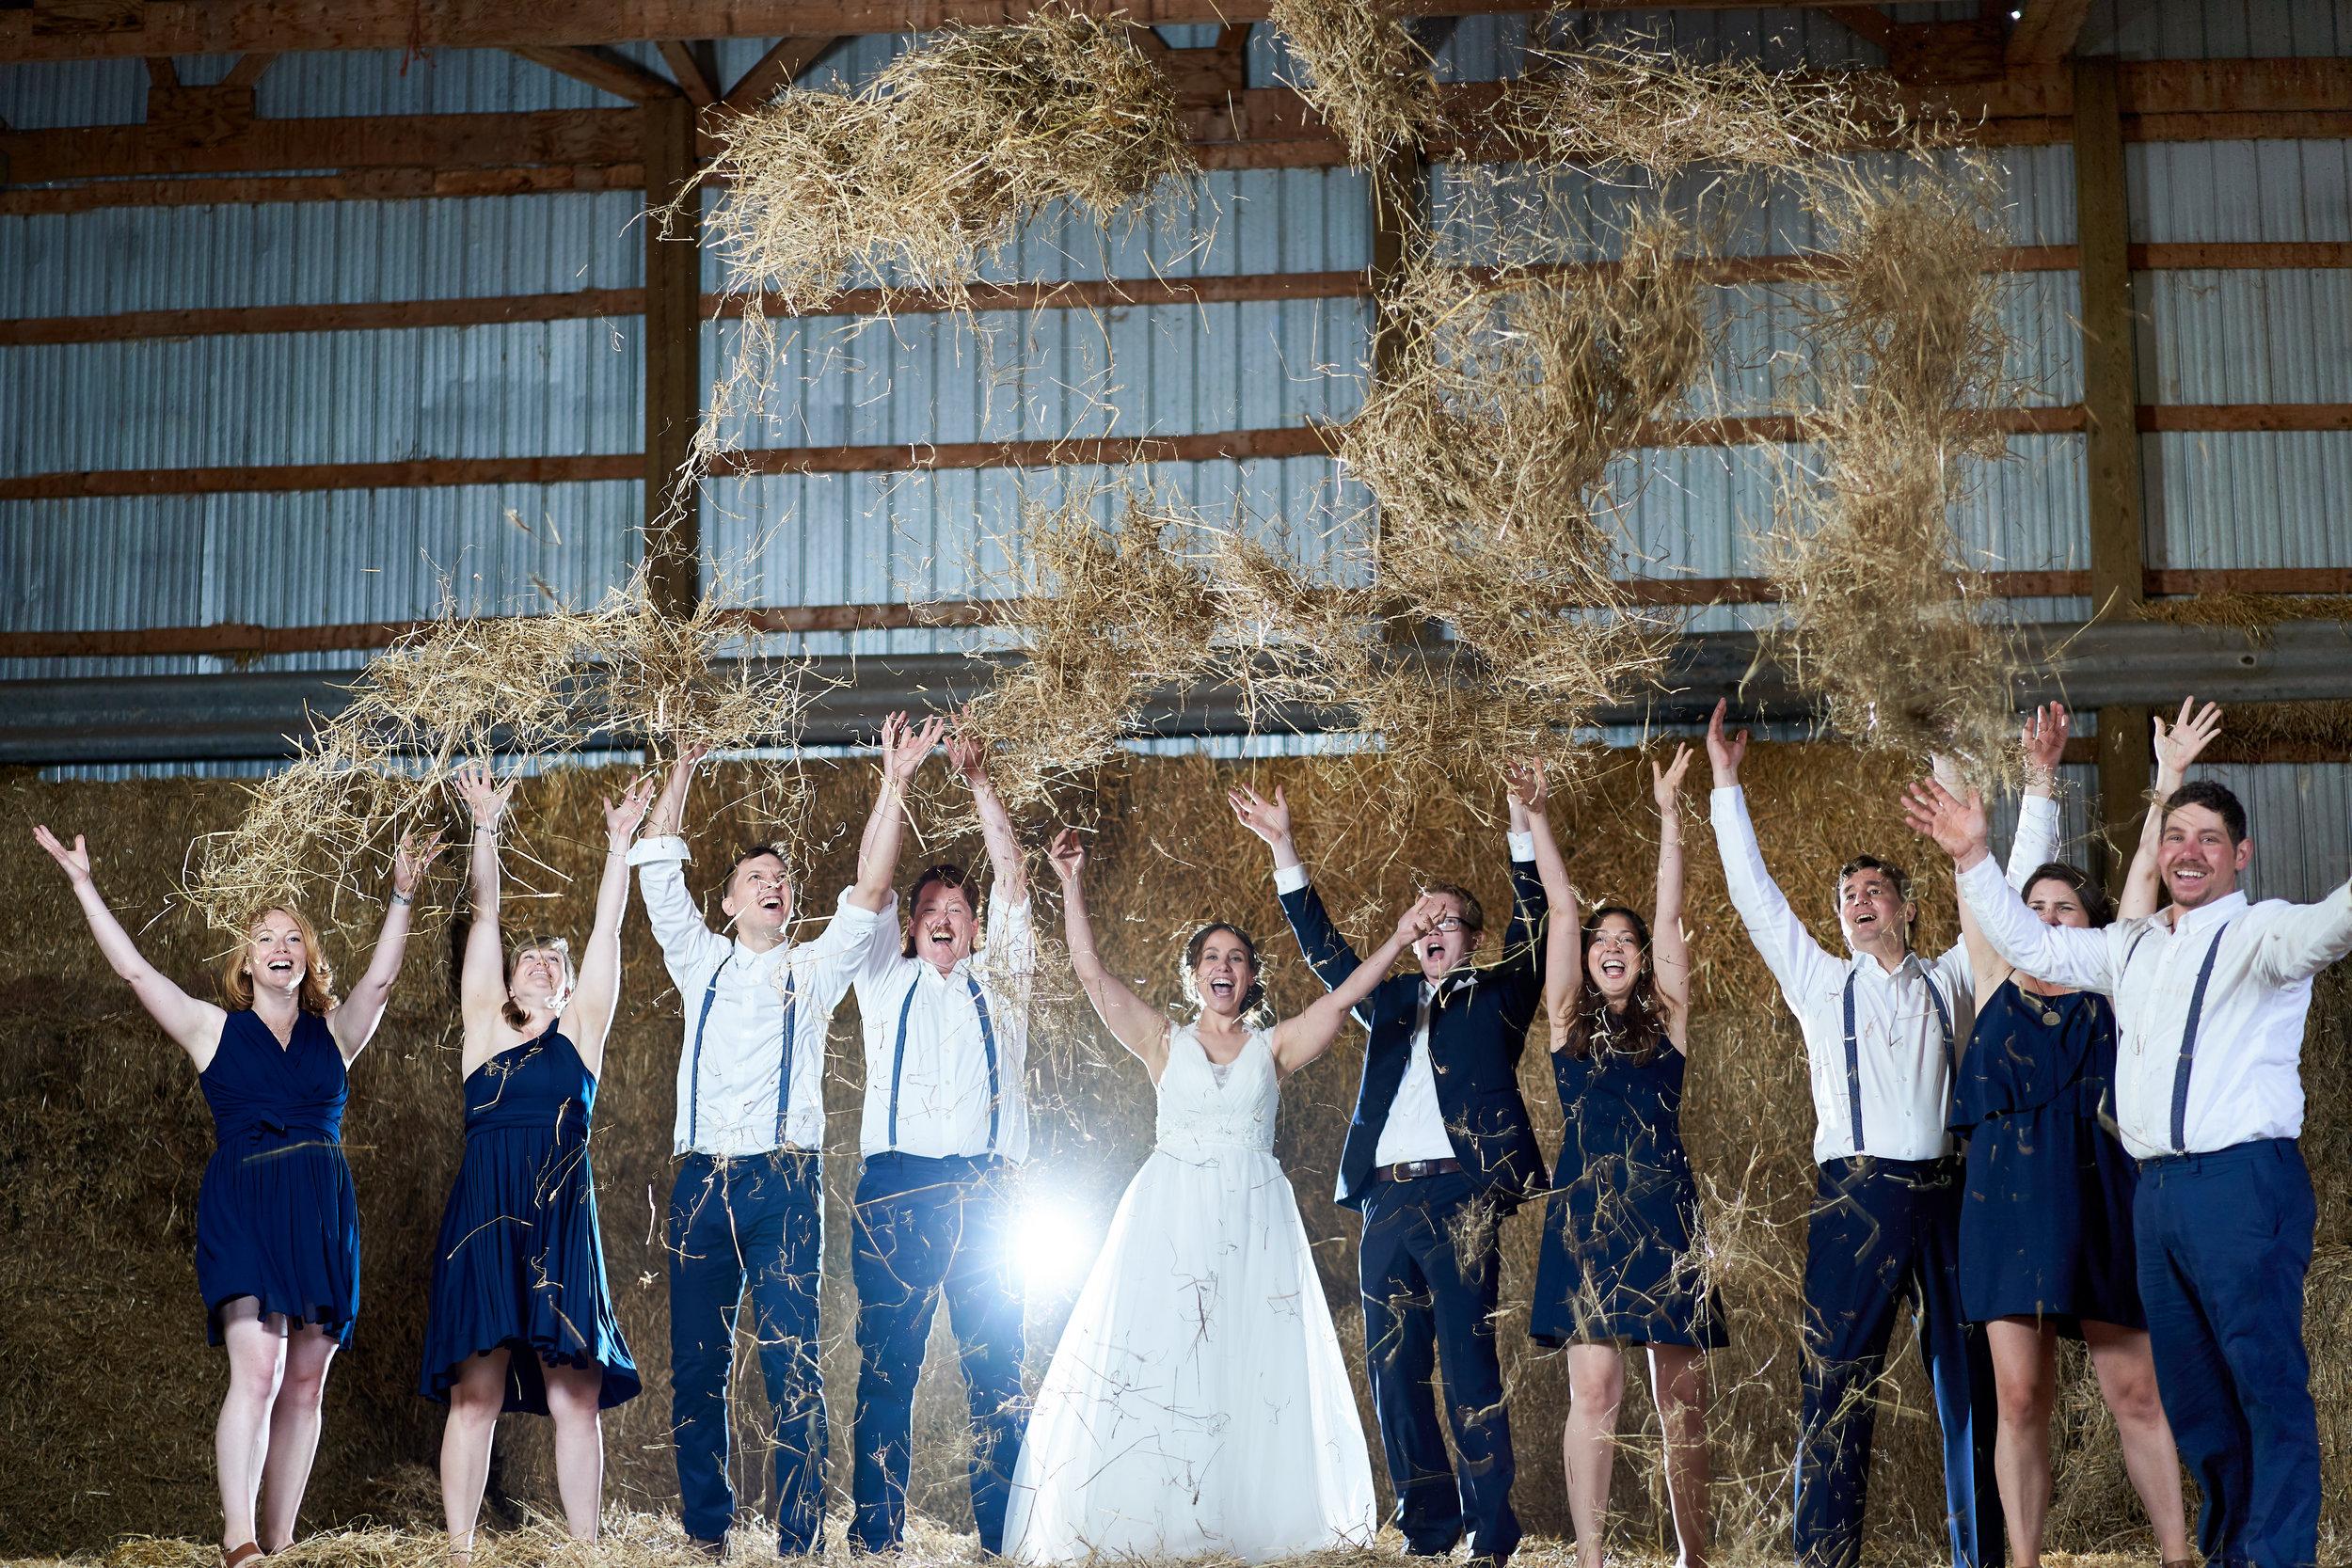 Amy-Lee & James' Wedding 580.jpg